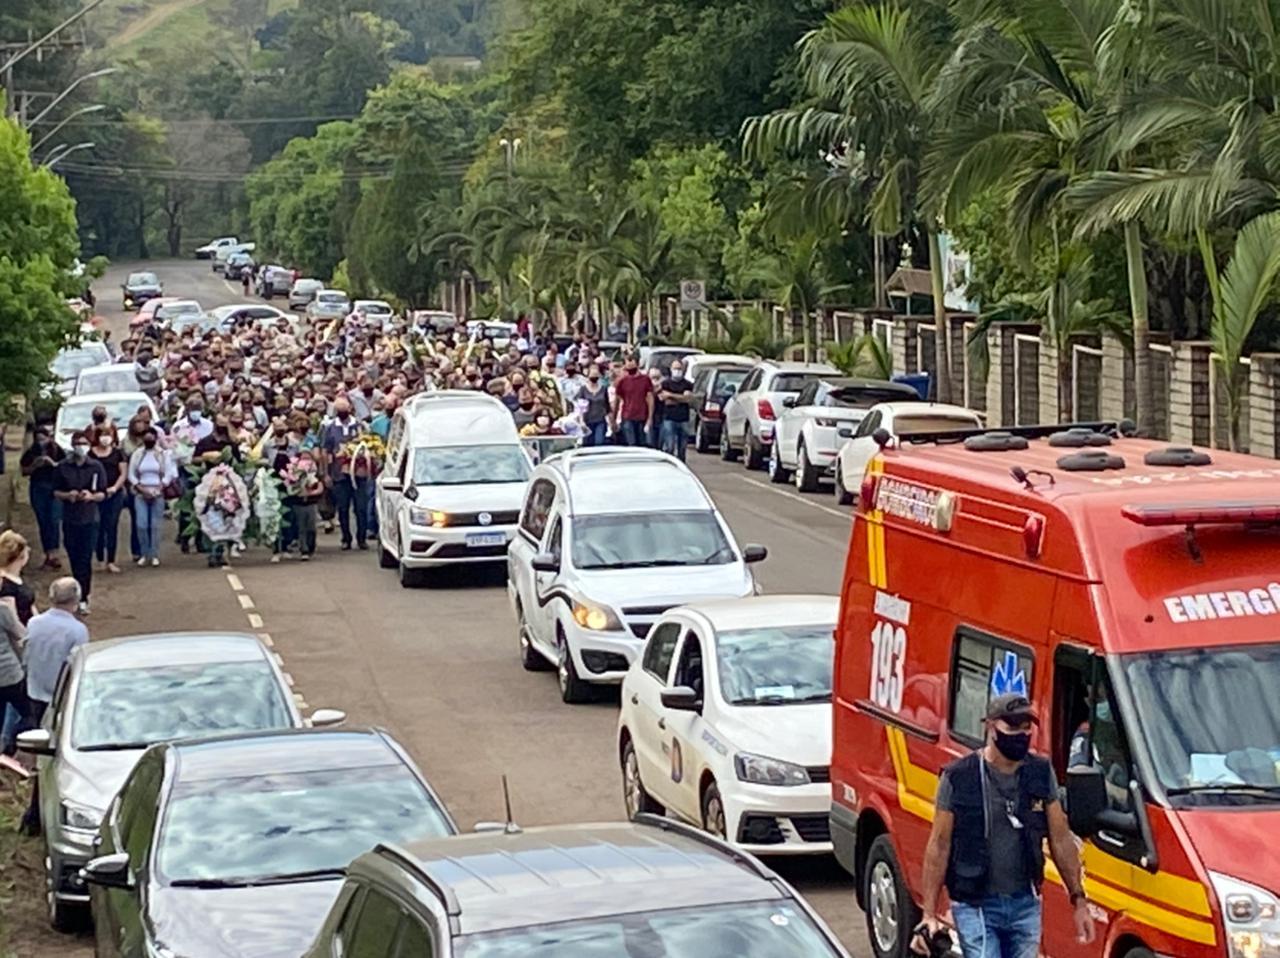 O local em que as vítimas eram veladas fica distante 350 metros do cemitério municipal - Willian Ricardo/ND